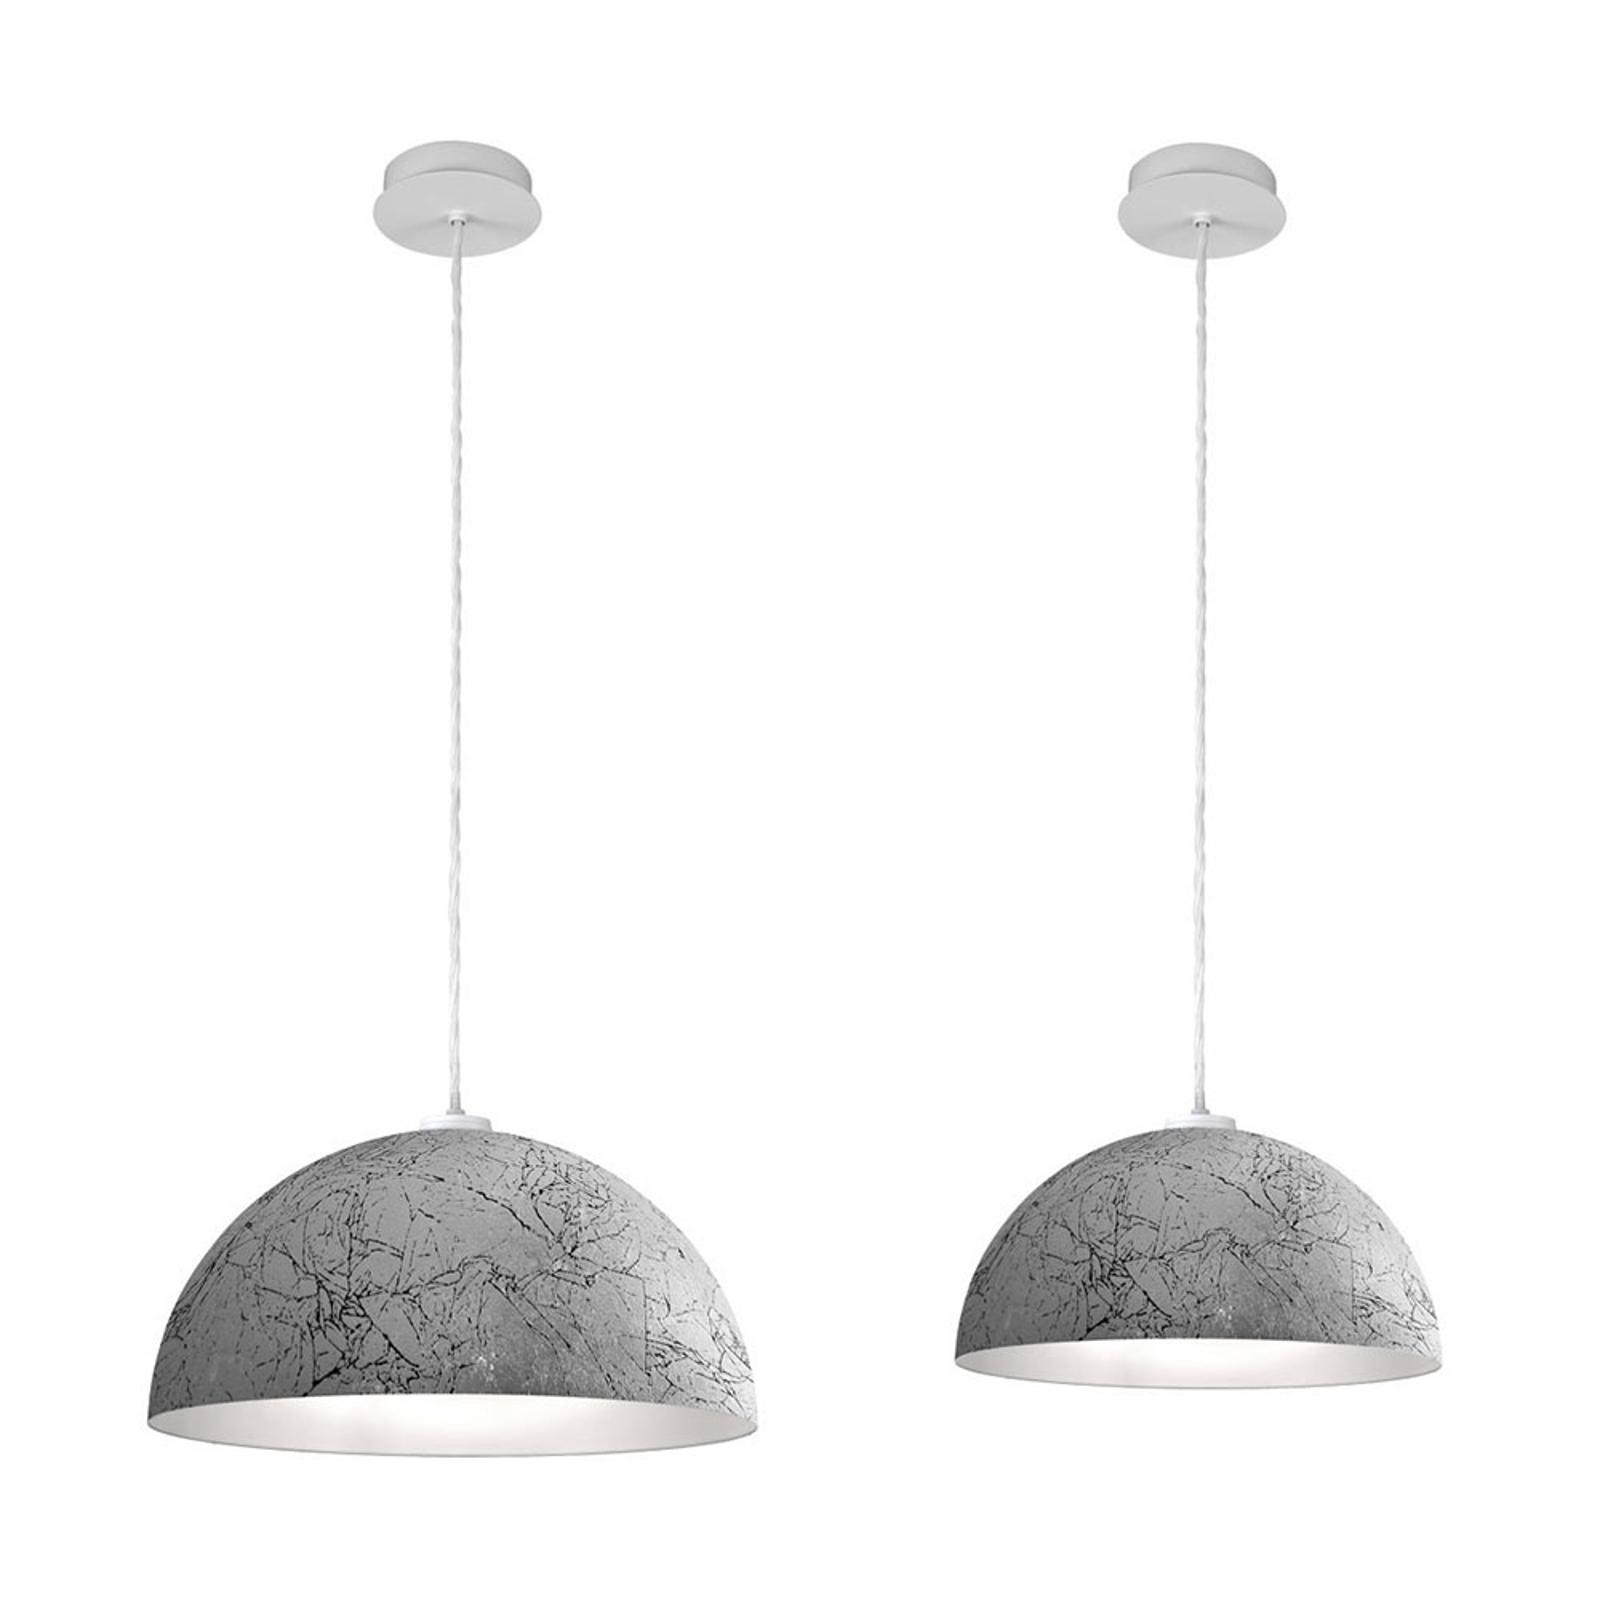 Hanglamp Cult vintage, zilver, Ø 40 cm